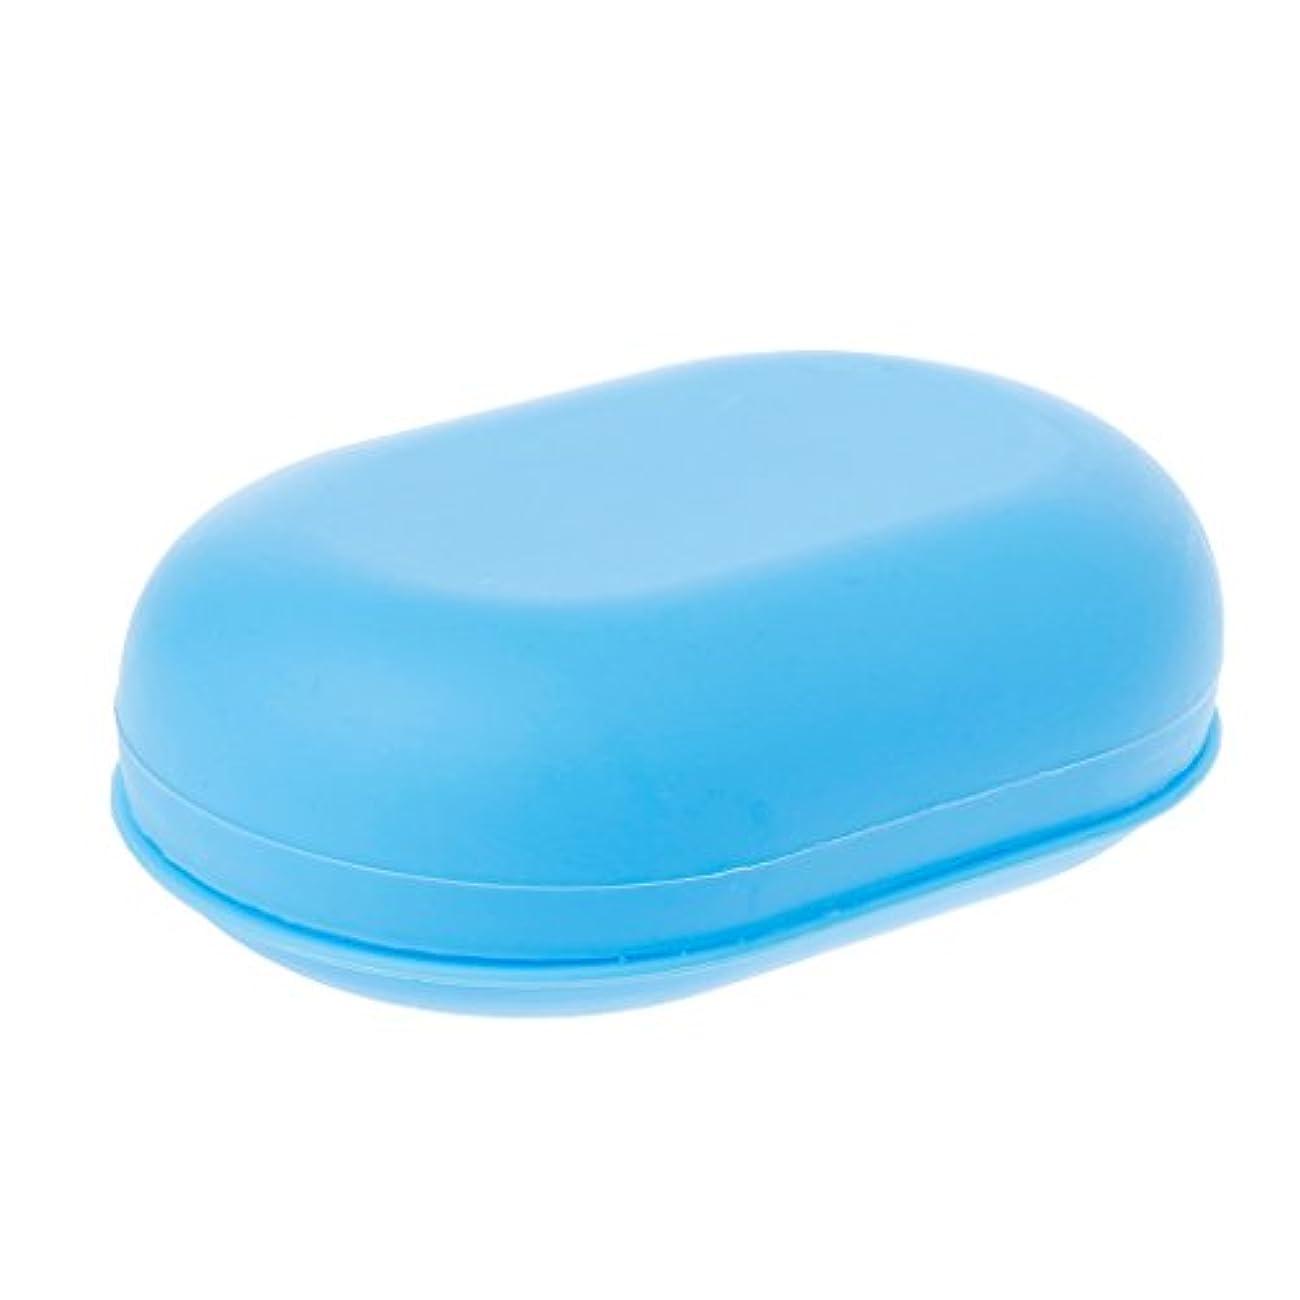 おじさん大胆仮定Lamdooポータブル旅行ホーム浴室のシャワーソープボックスプレート皿ホルダーケースコンテナブルー